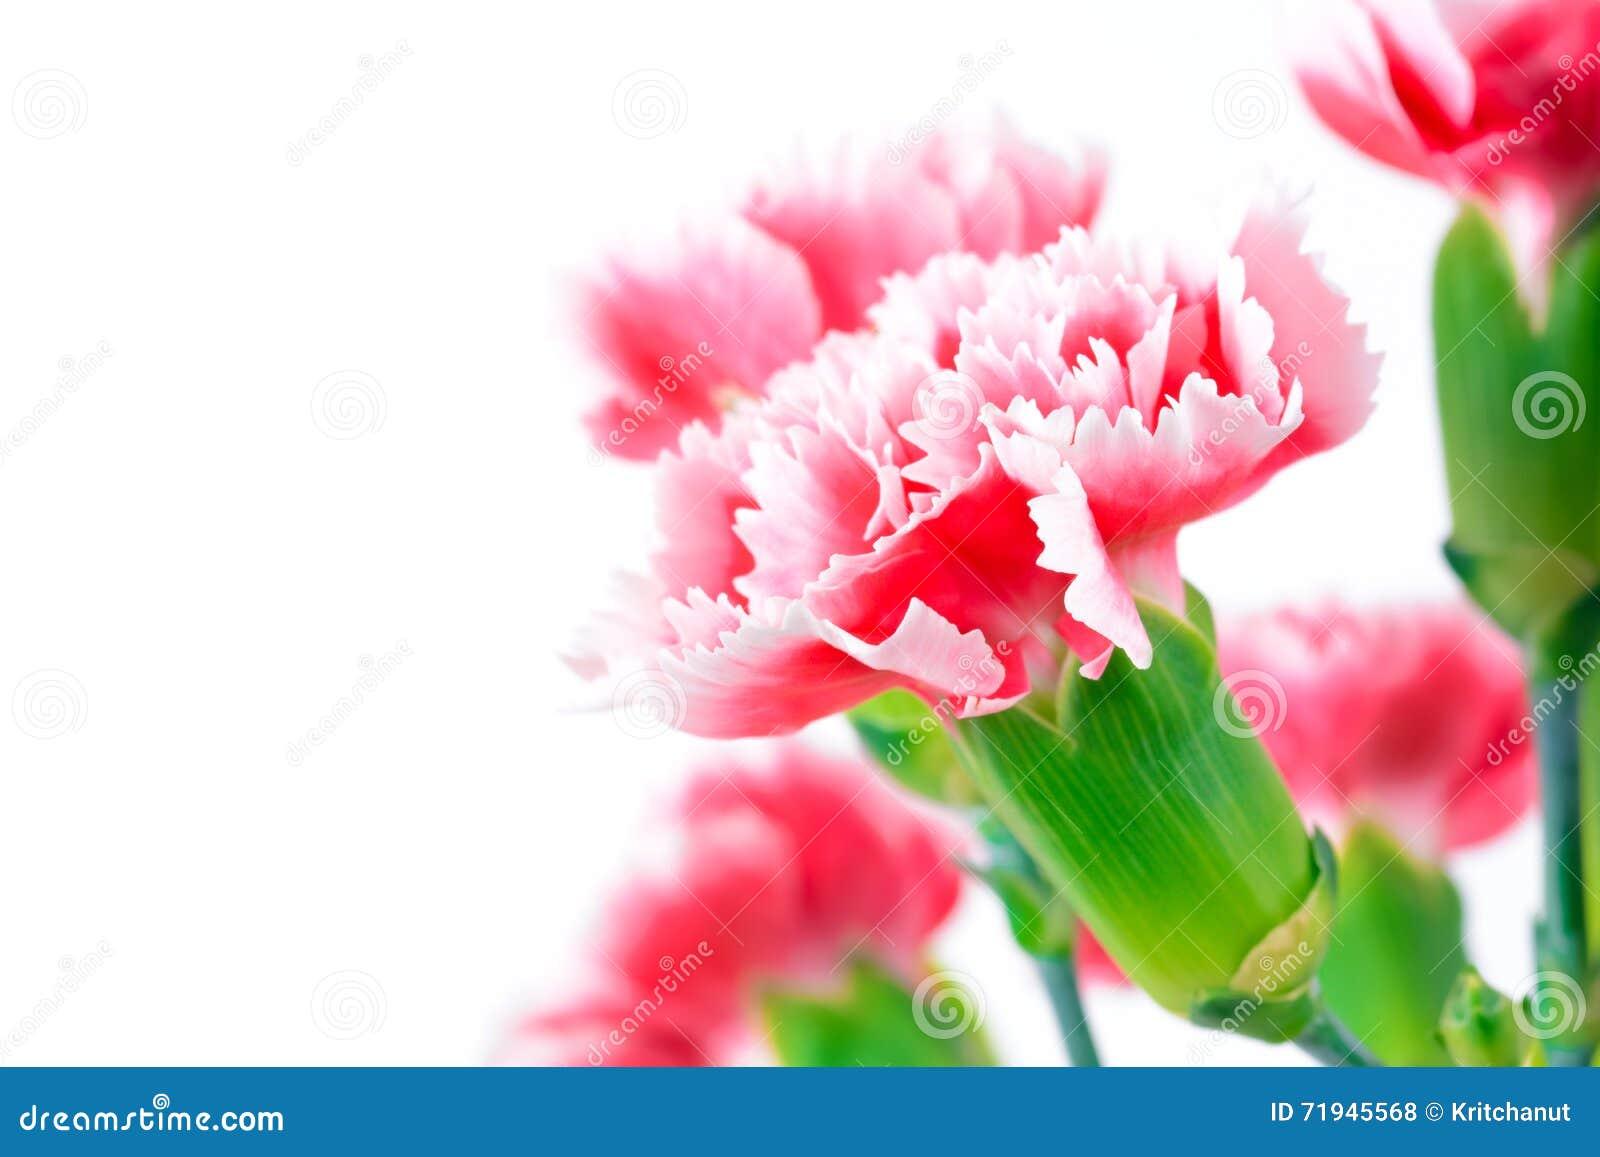 Красивые розовые цветки гвоздики, дизайн границы